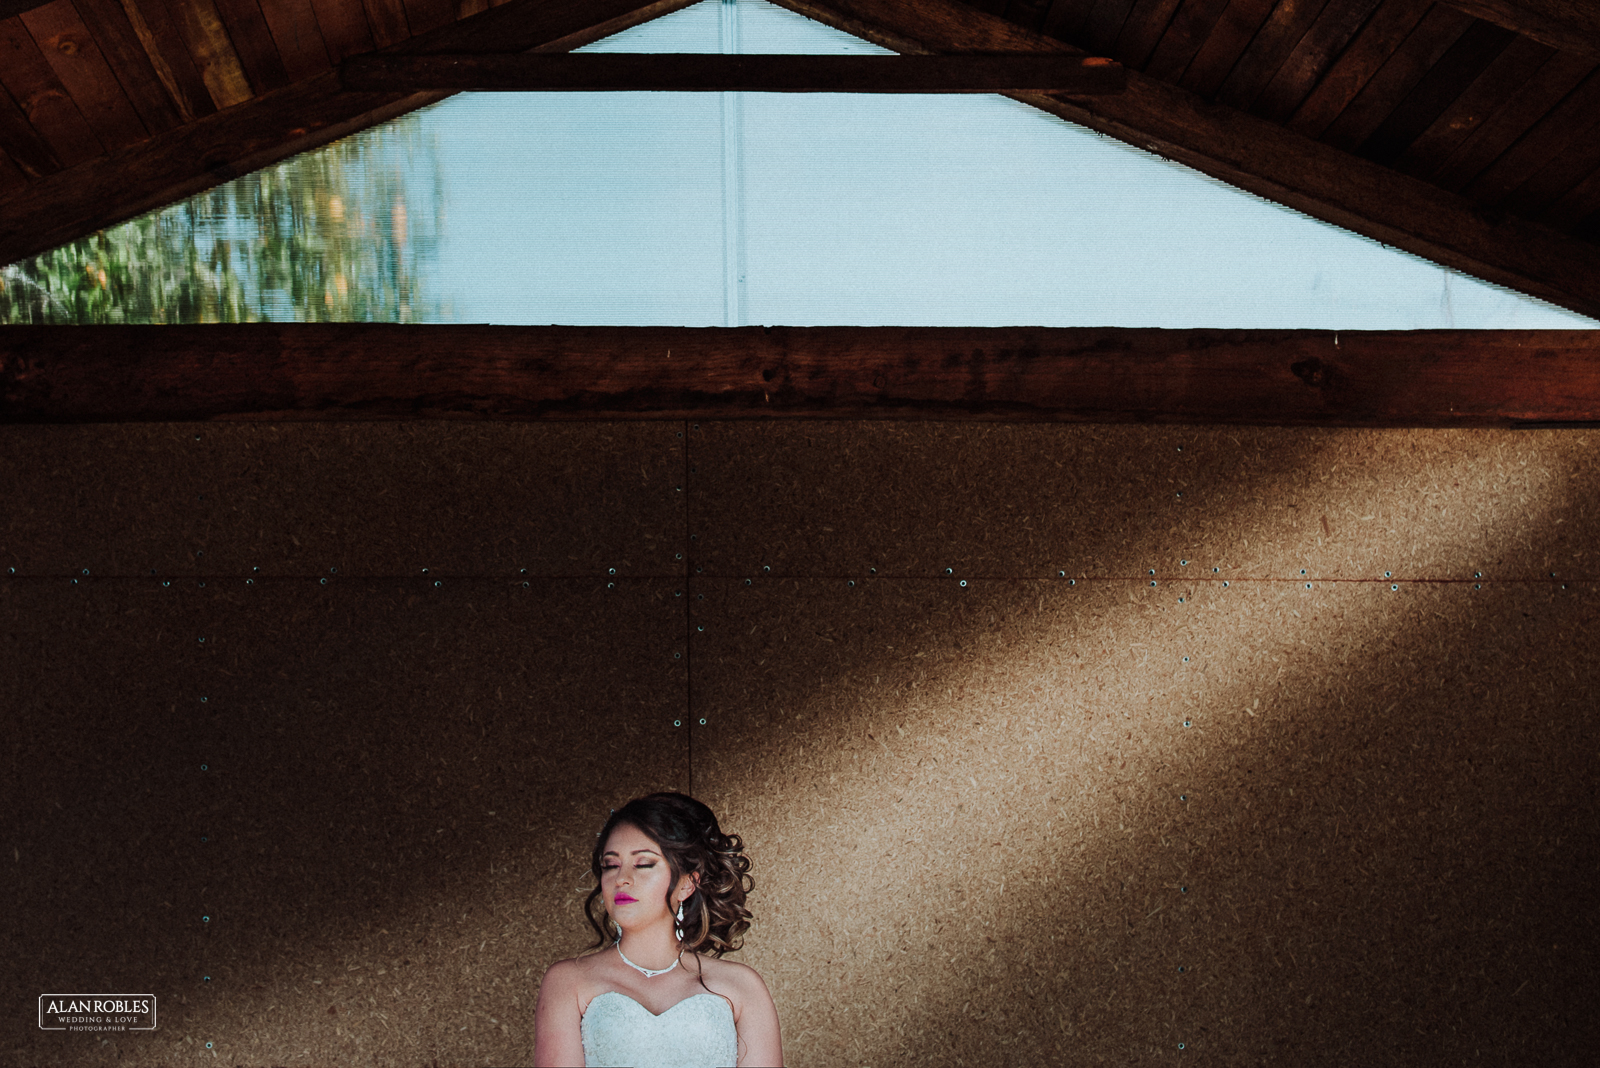 Fotografo de bodas Alan Robles-Michoacan-35